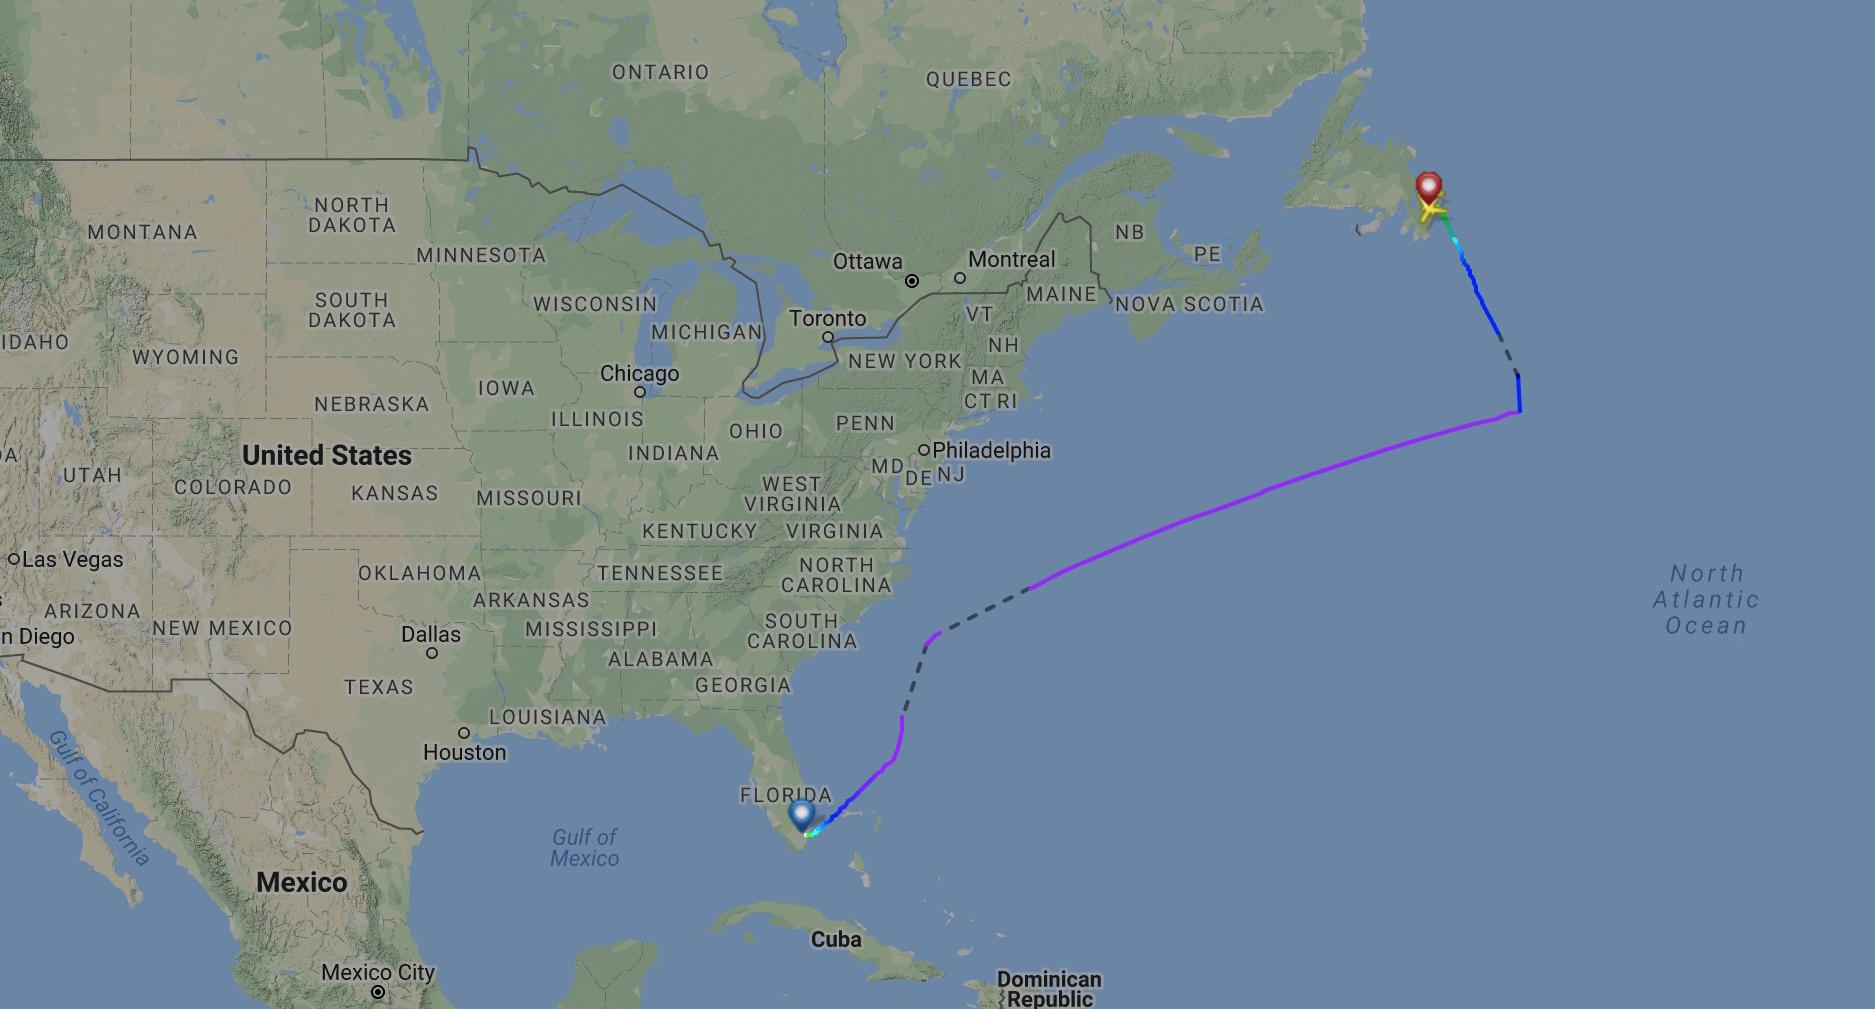 http://www.azfleet.info/la330-canaletto-costretto-ad-atterrare-in-canada-per-avaria